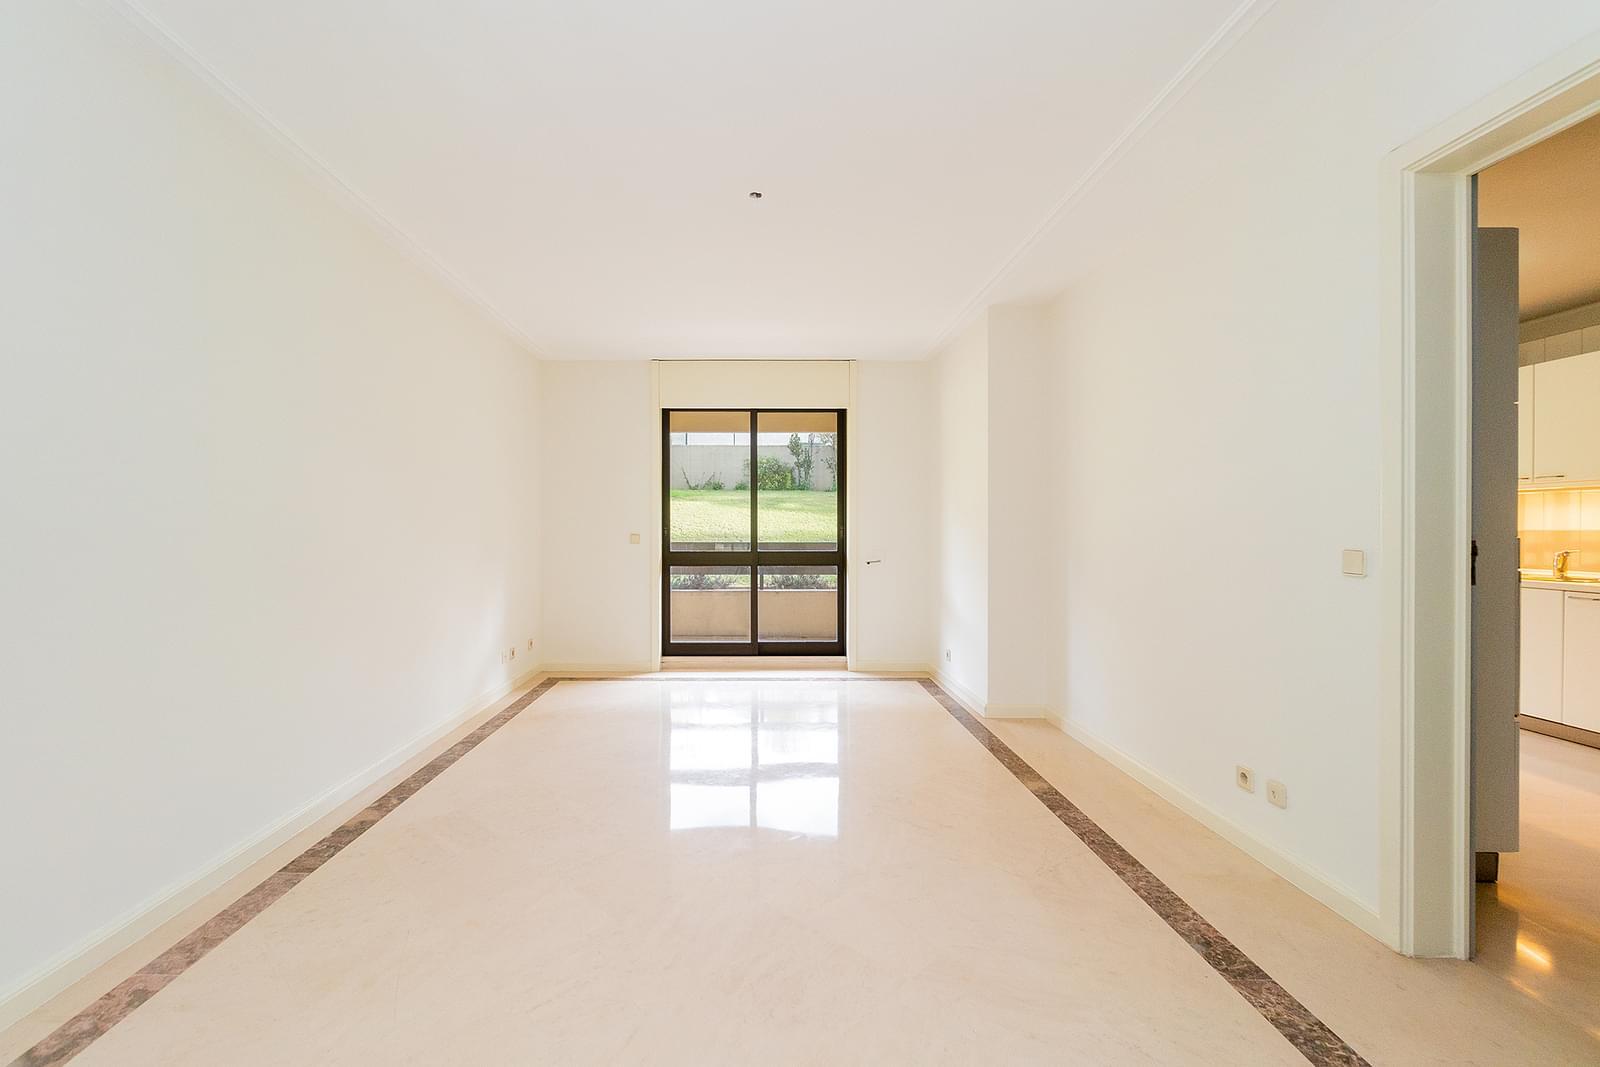 pf18551-apartamento-t3-1-lisboa-a320e374-5167-4a25-94a4-f36de6e6a087